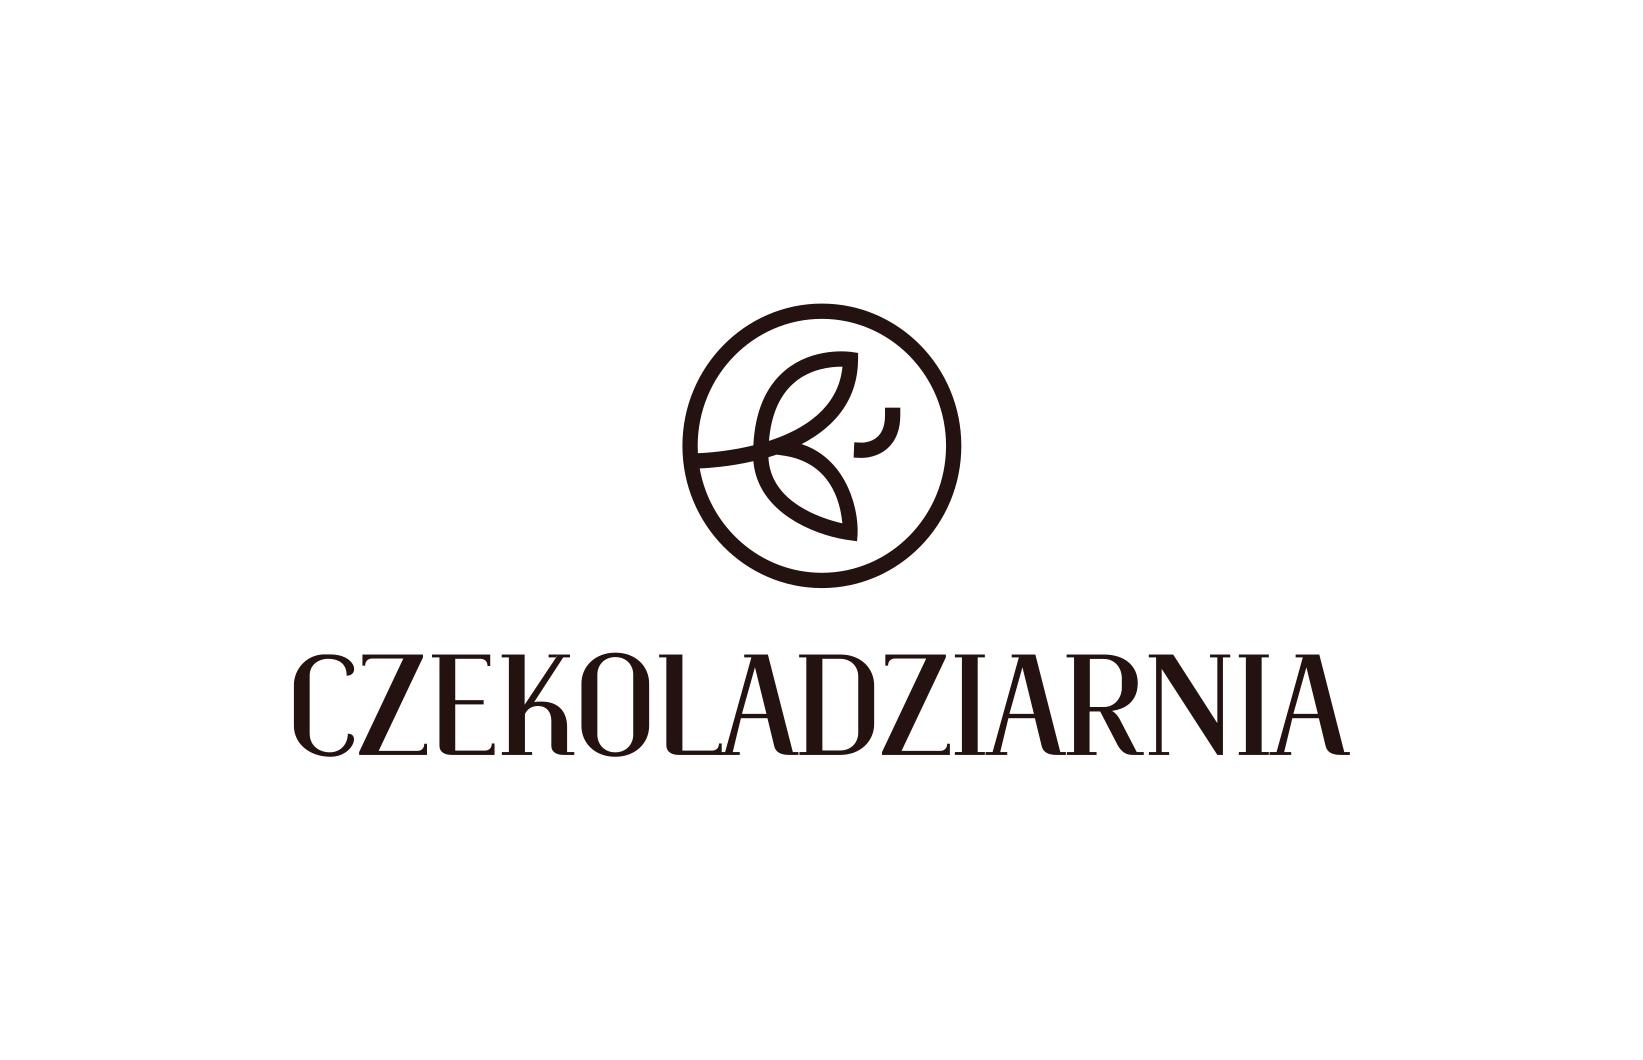 Czekoladziarnia